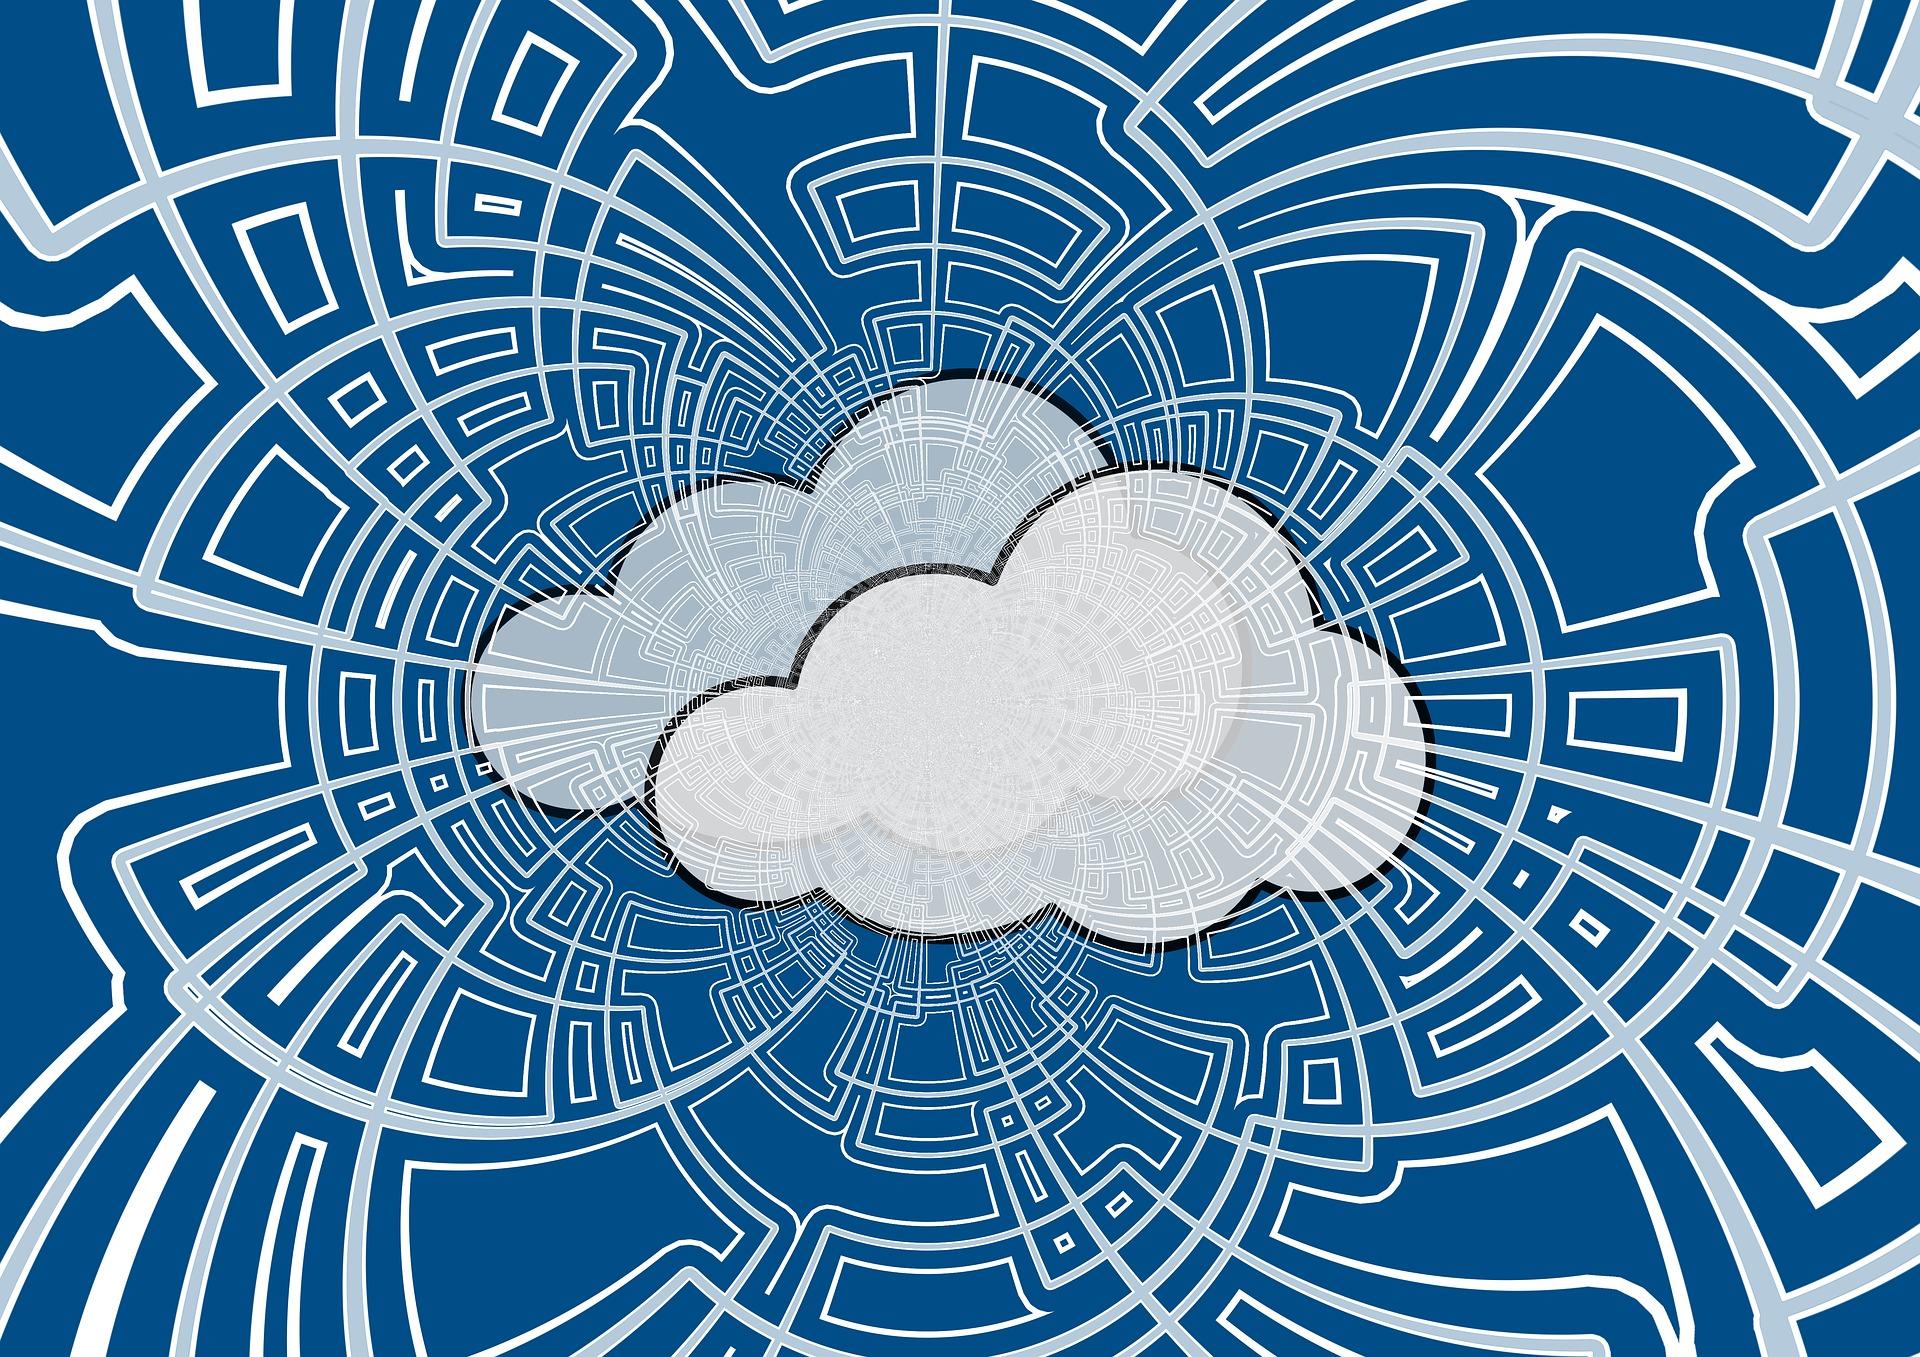 Zscaler annuncia la soluzione Cloud Protection per automatizzare la sicurezza dei Workload nel cloud